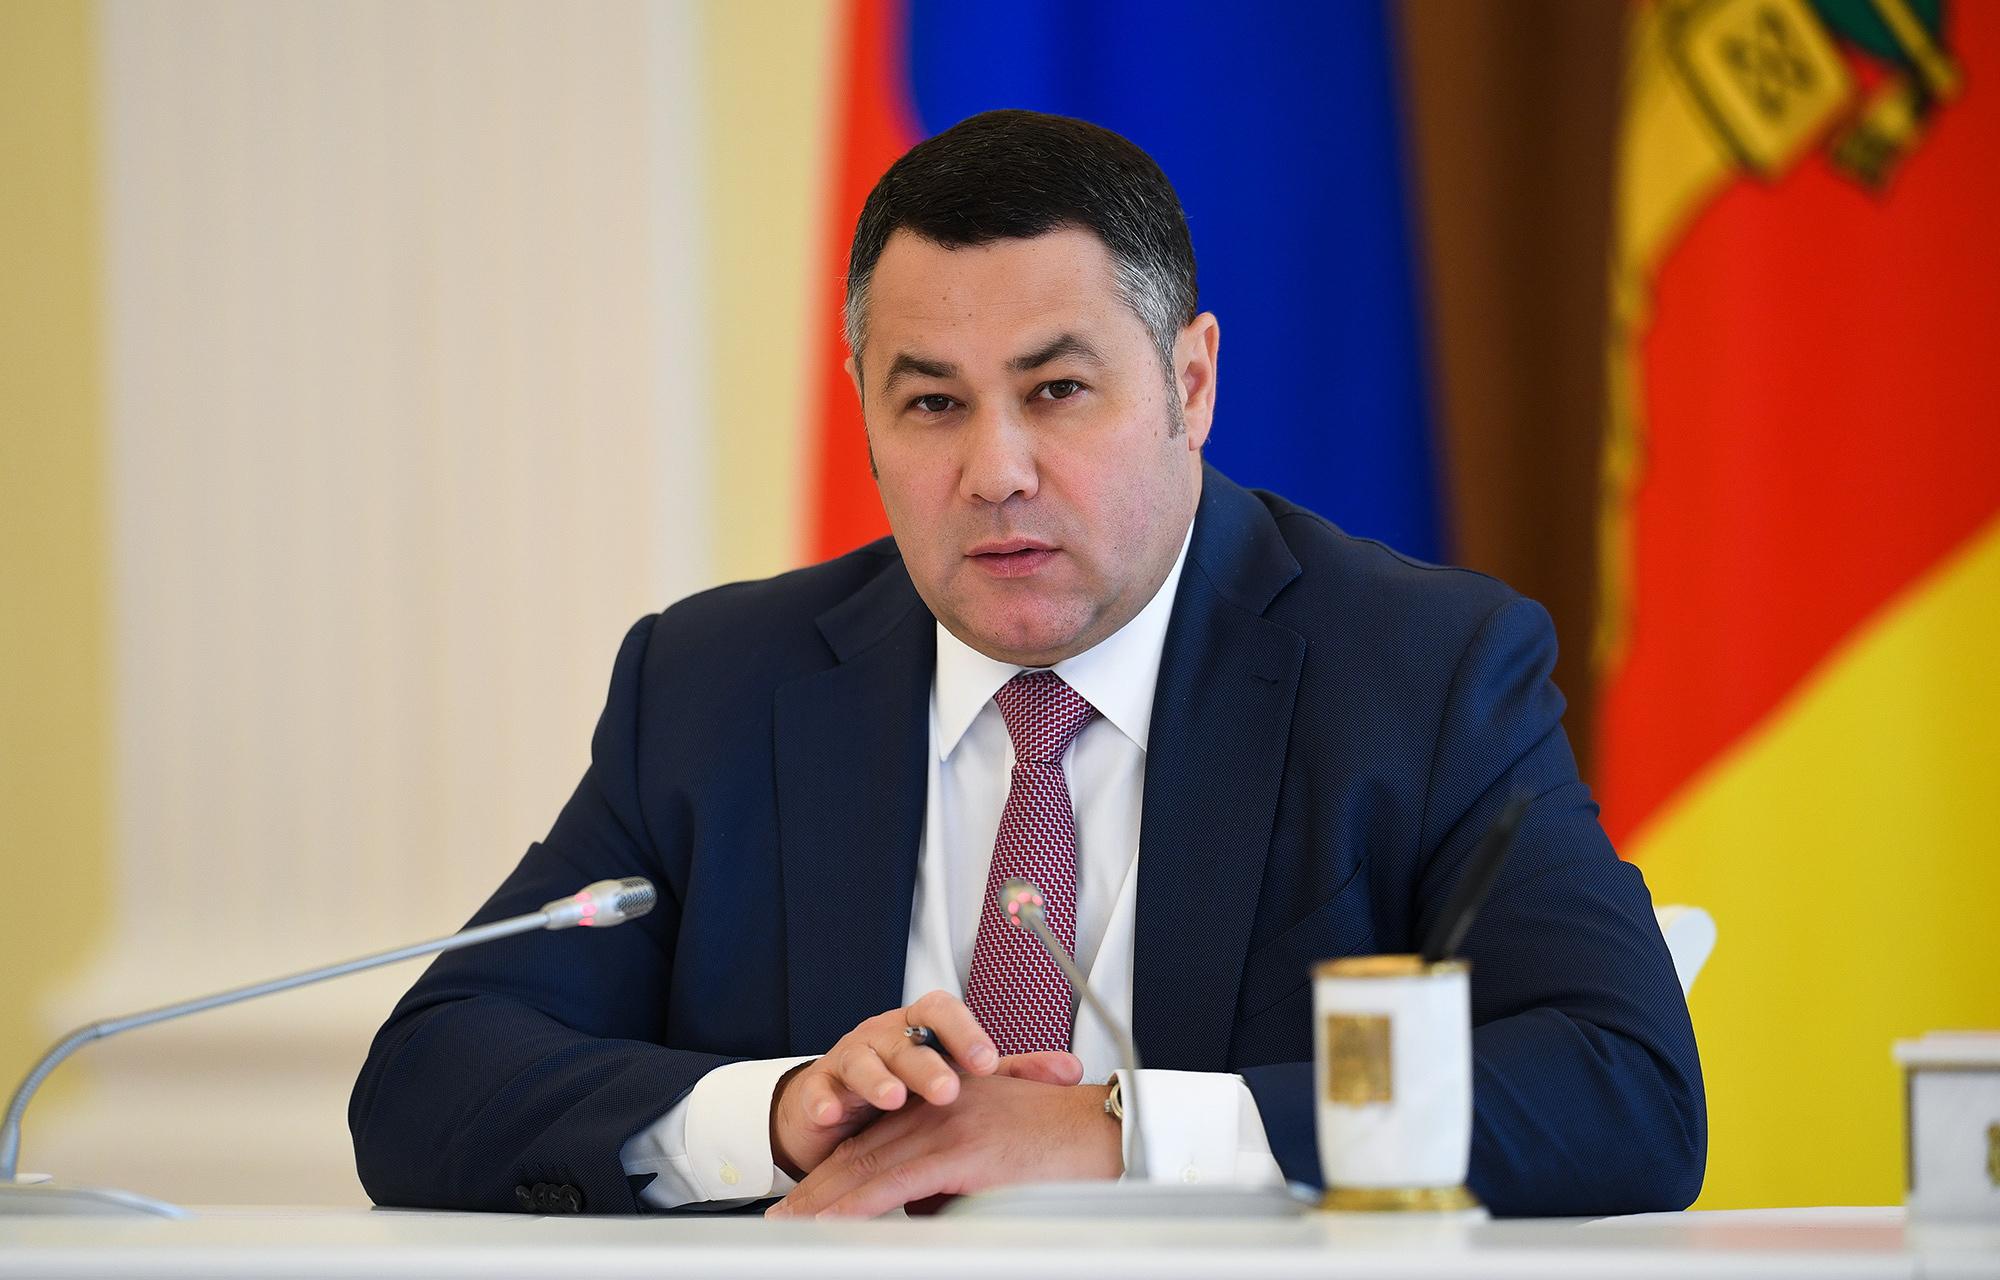 Игорь Руденя вошел в рейтинг «Губернаторская повестка» в связи с переводом на региональный уровень полномочий по безнадзорным животным - новости Афанасий